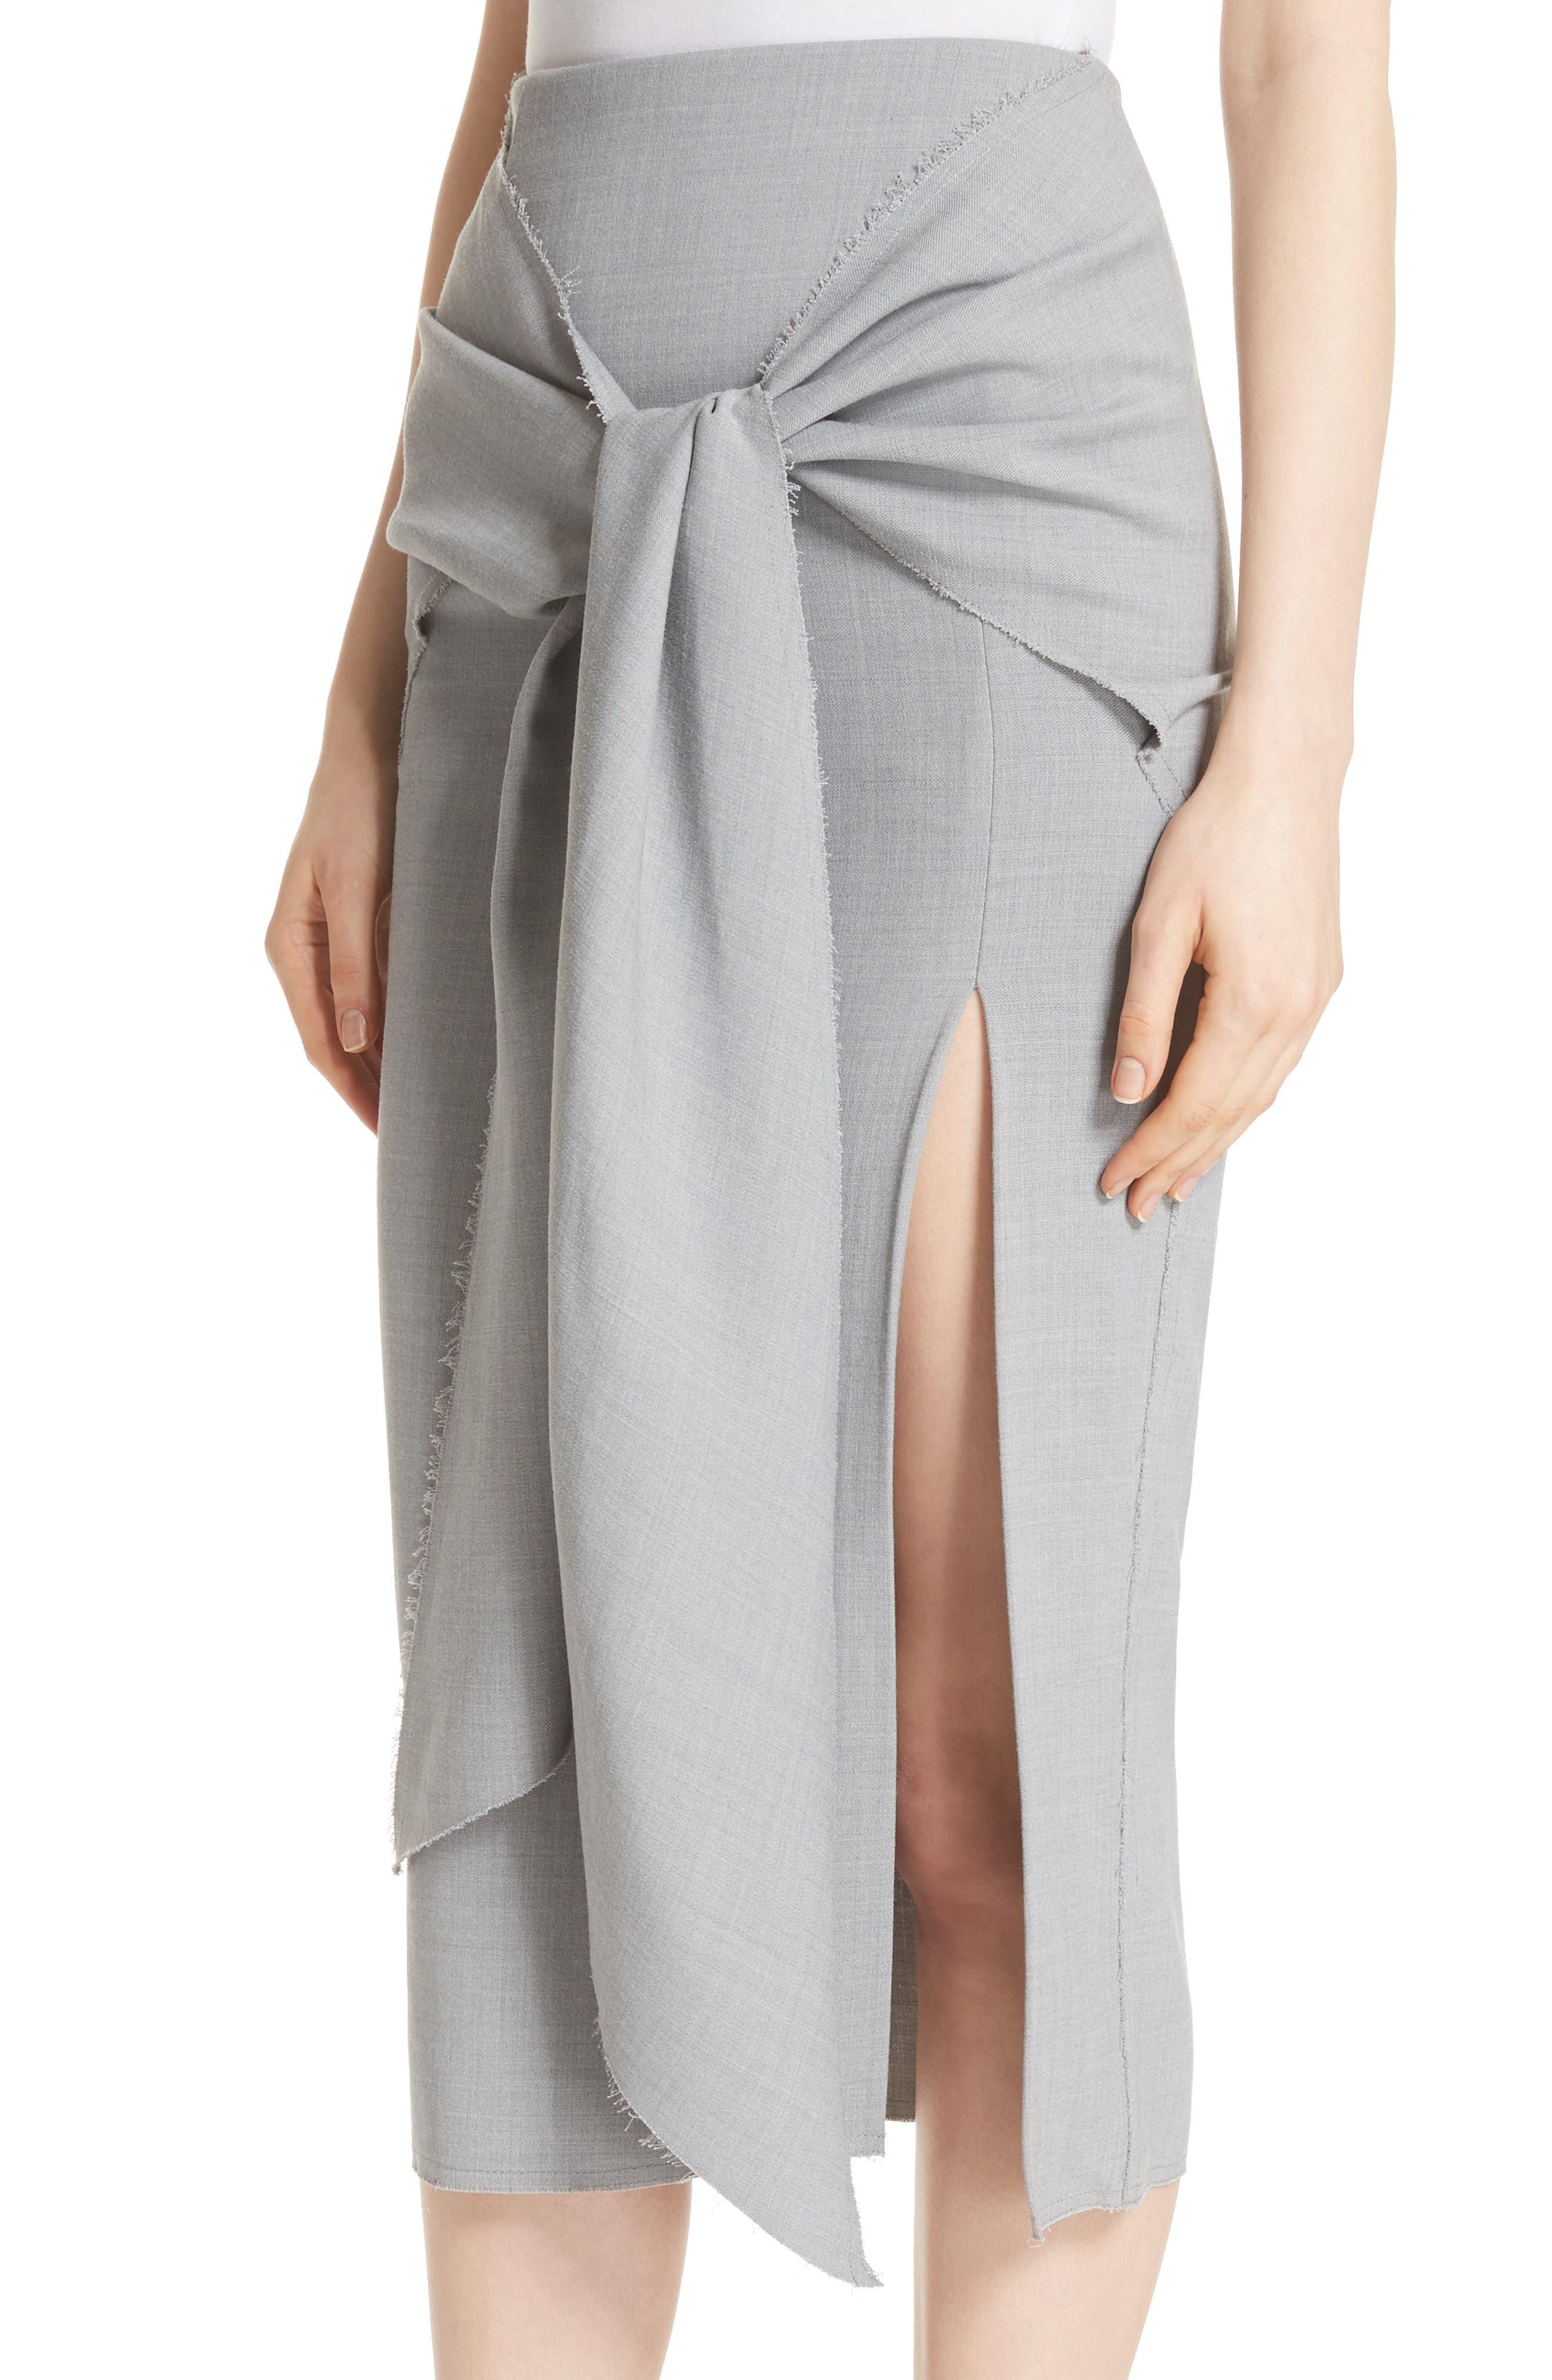 Raw Hem Tie Front Skirt,                             Alternate thumbnail 4, color,                             Light Grey Melange